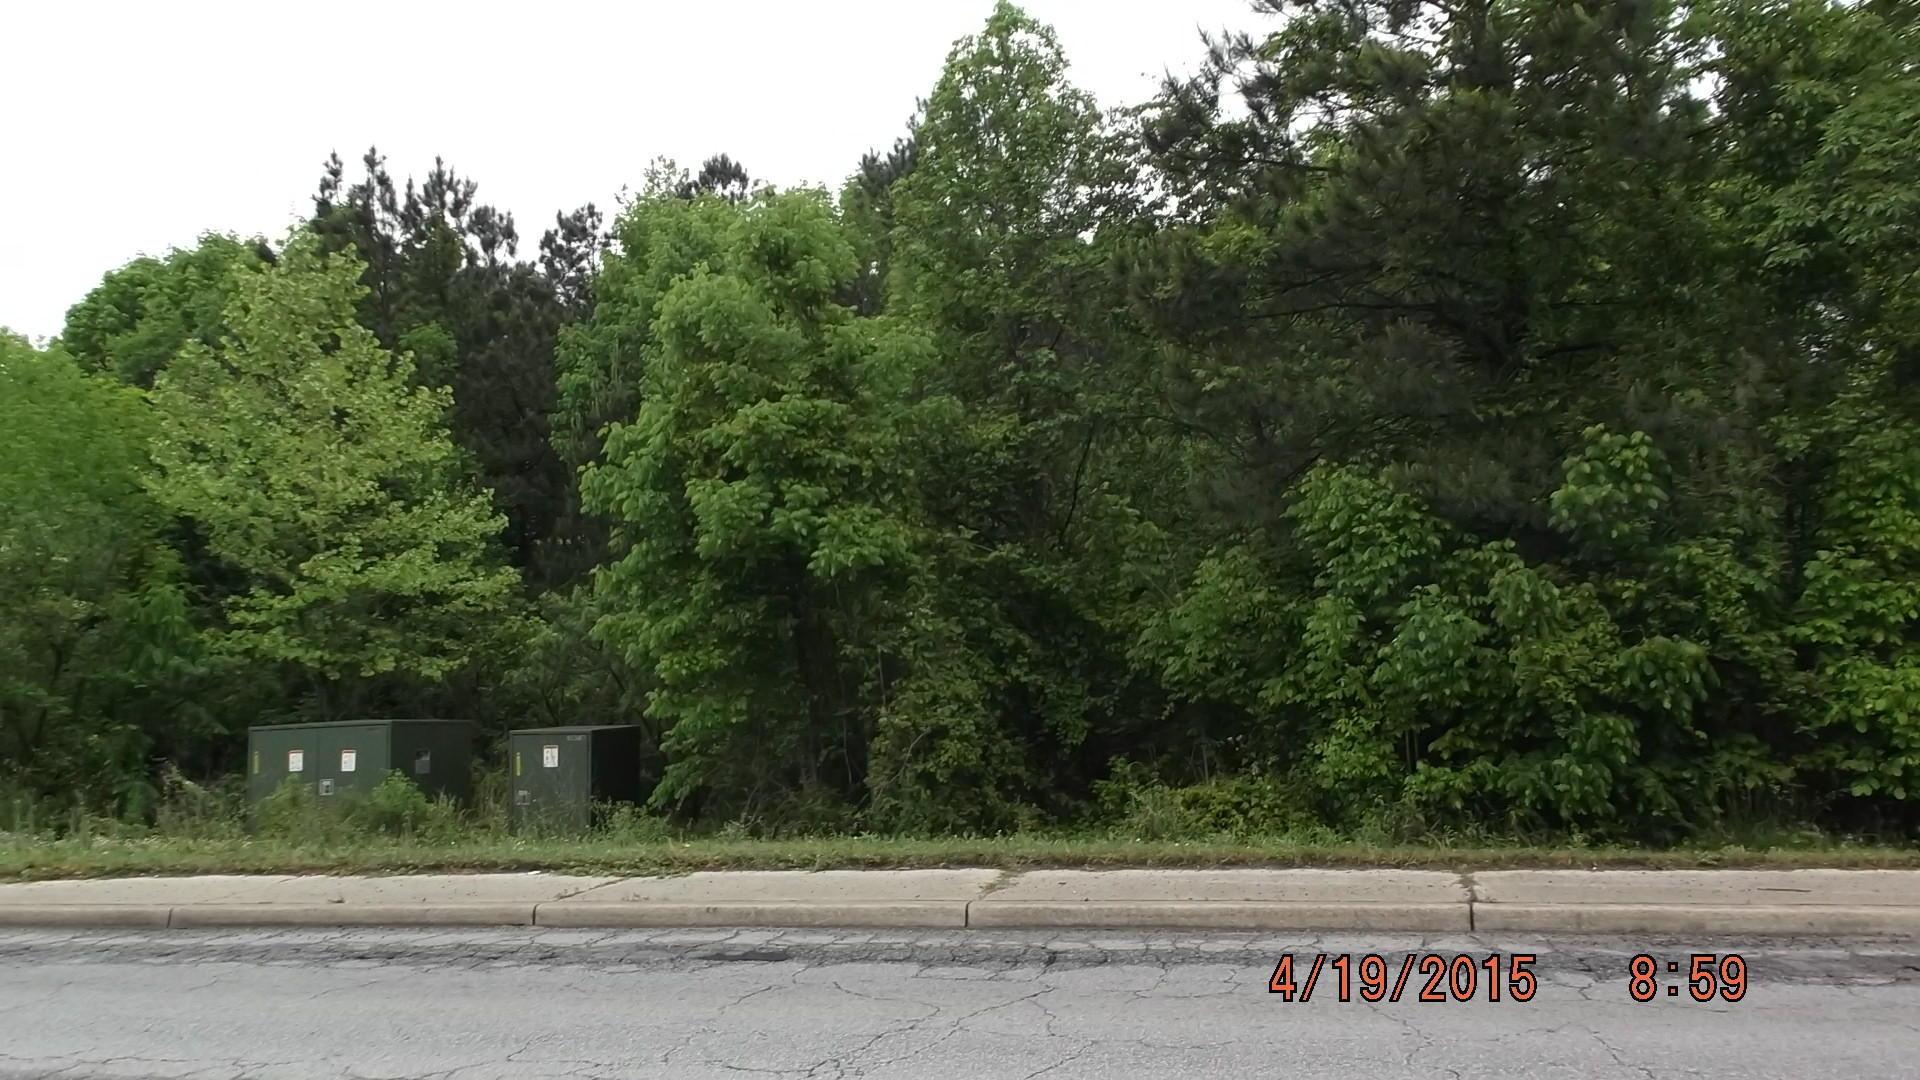 Hwy Moncks Corner, SC 29461